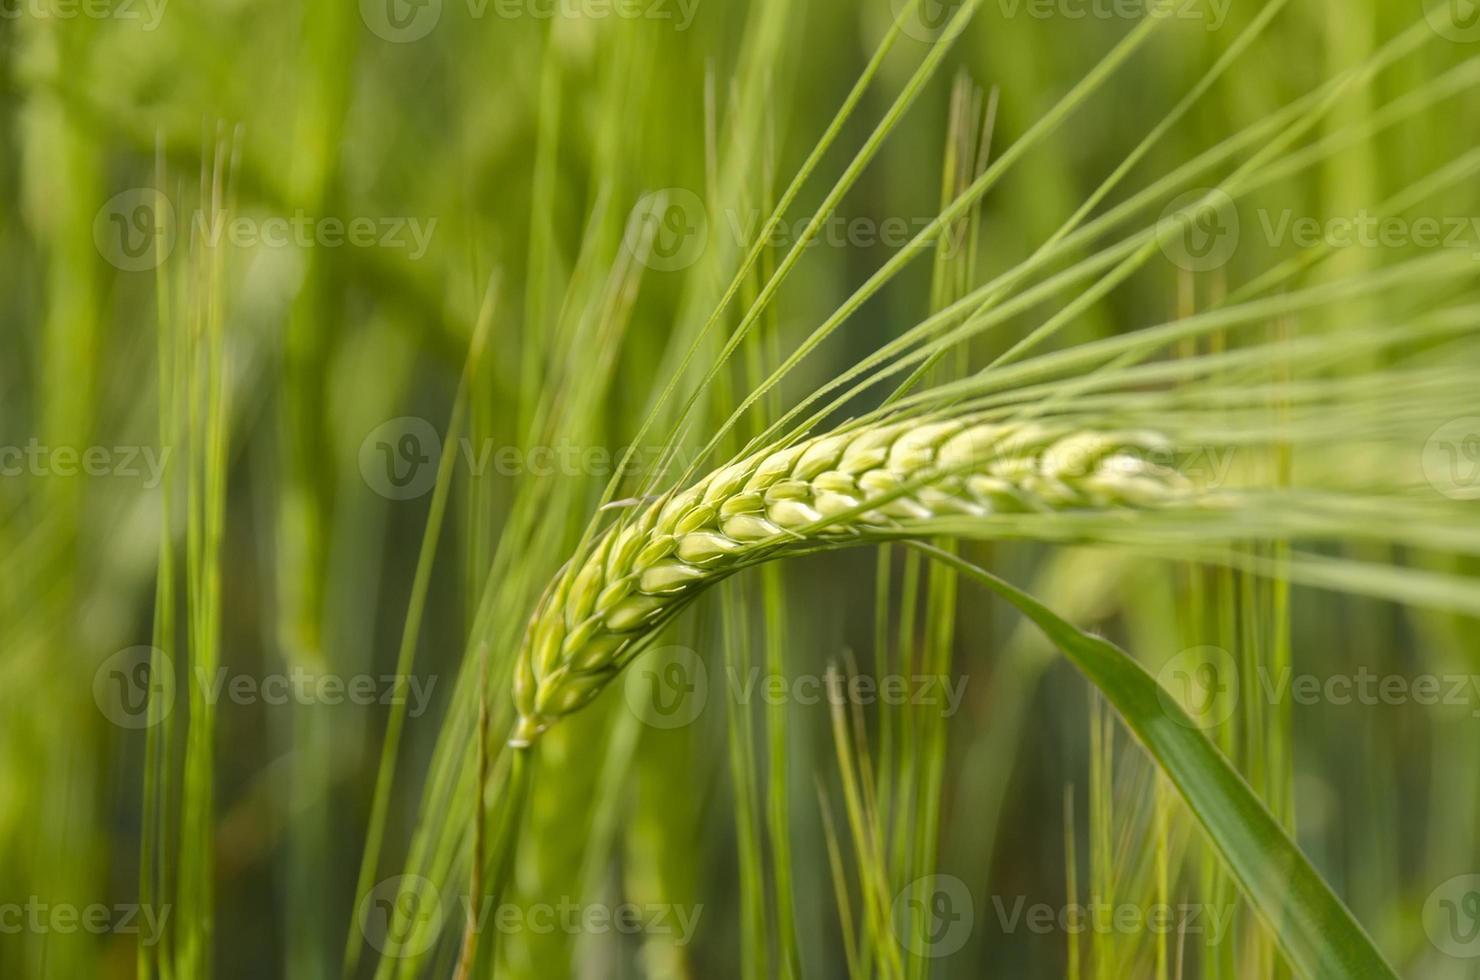 grano verde foto